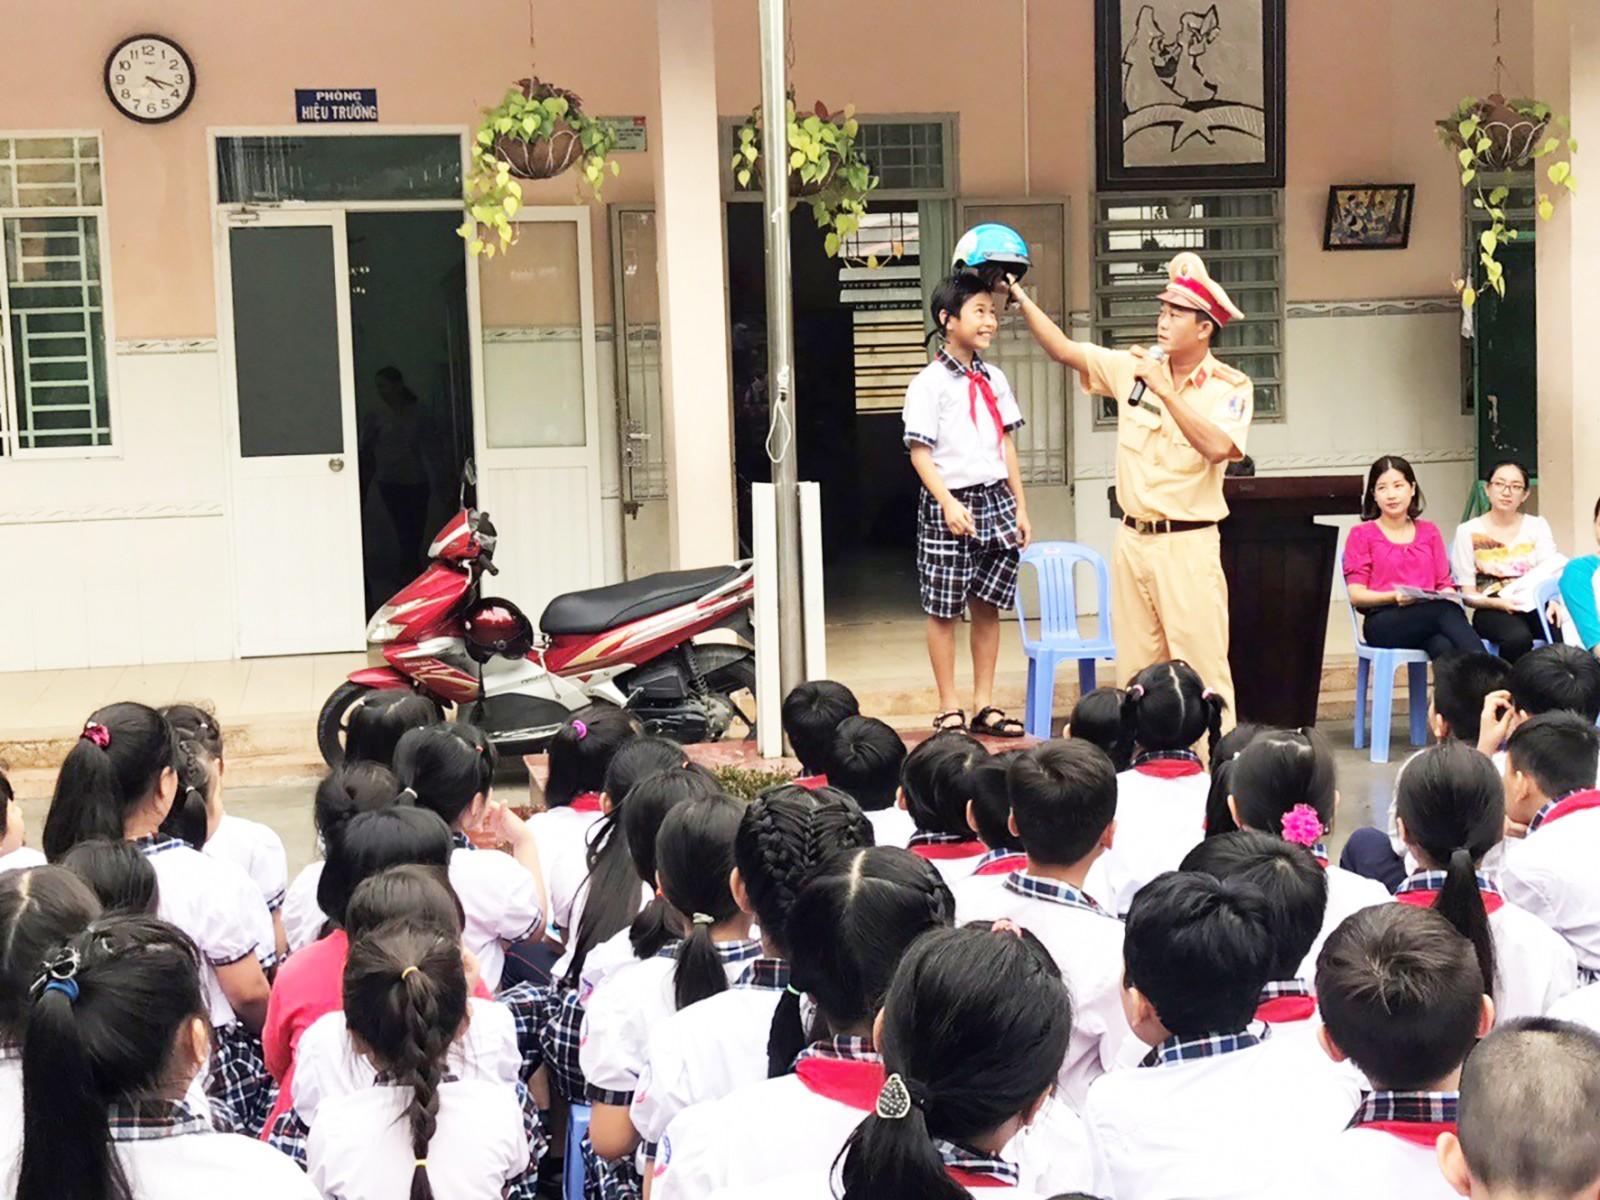 Học sinh Trường Tiểu học Kim Đồng, quận Ninh Kiều được hướng dẫn cách đội nón bảo hiểm đúng quy cách và an toàn. Ảnh do Quận đoàn Ninh Kiều cung cấp.